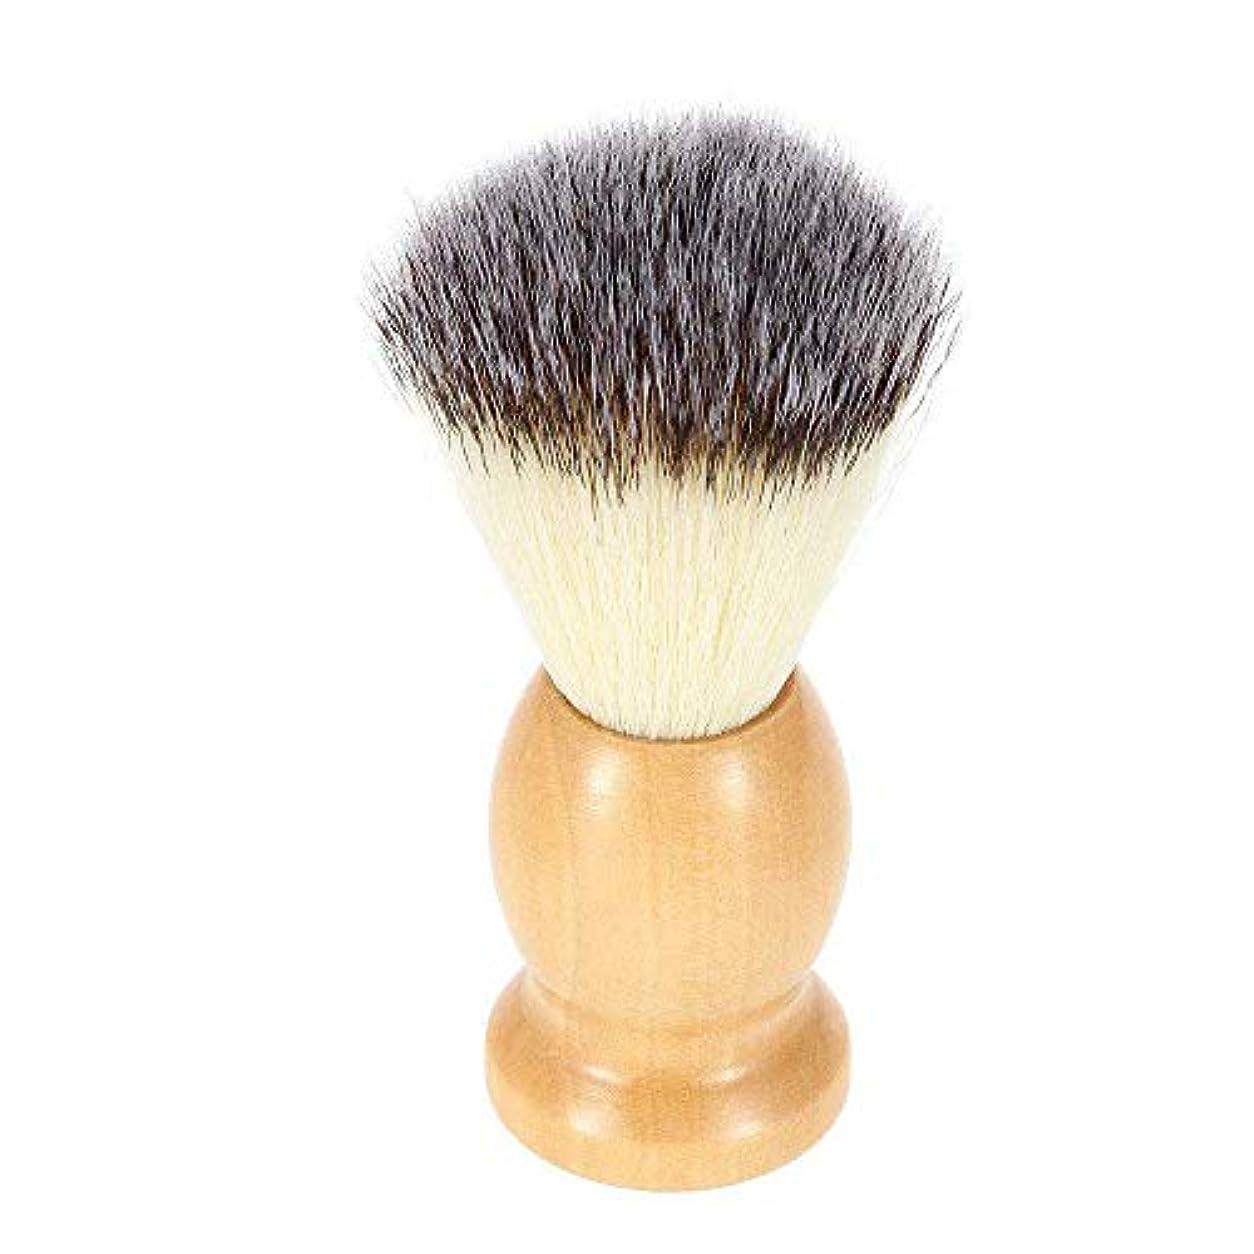 フックねばねば無意識1 ナイロンひげブラシ ハンドルシェービングブラシ 泡立ち 理容 洗顔 髭剃り ご主人メンズ用ブラシ 木製ひげブラシ